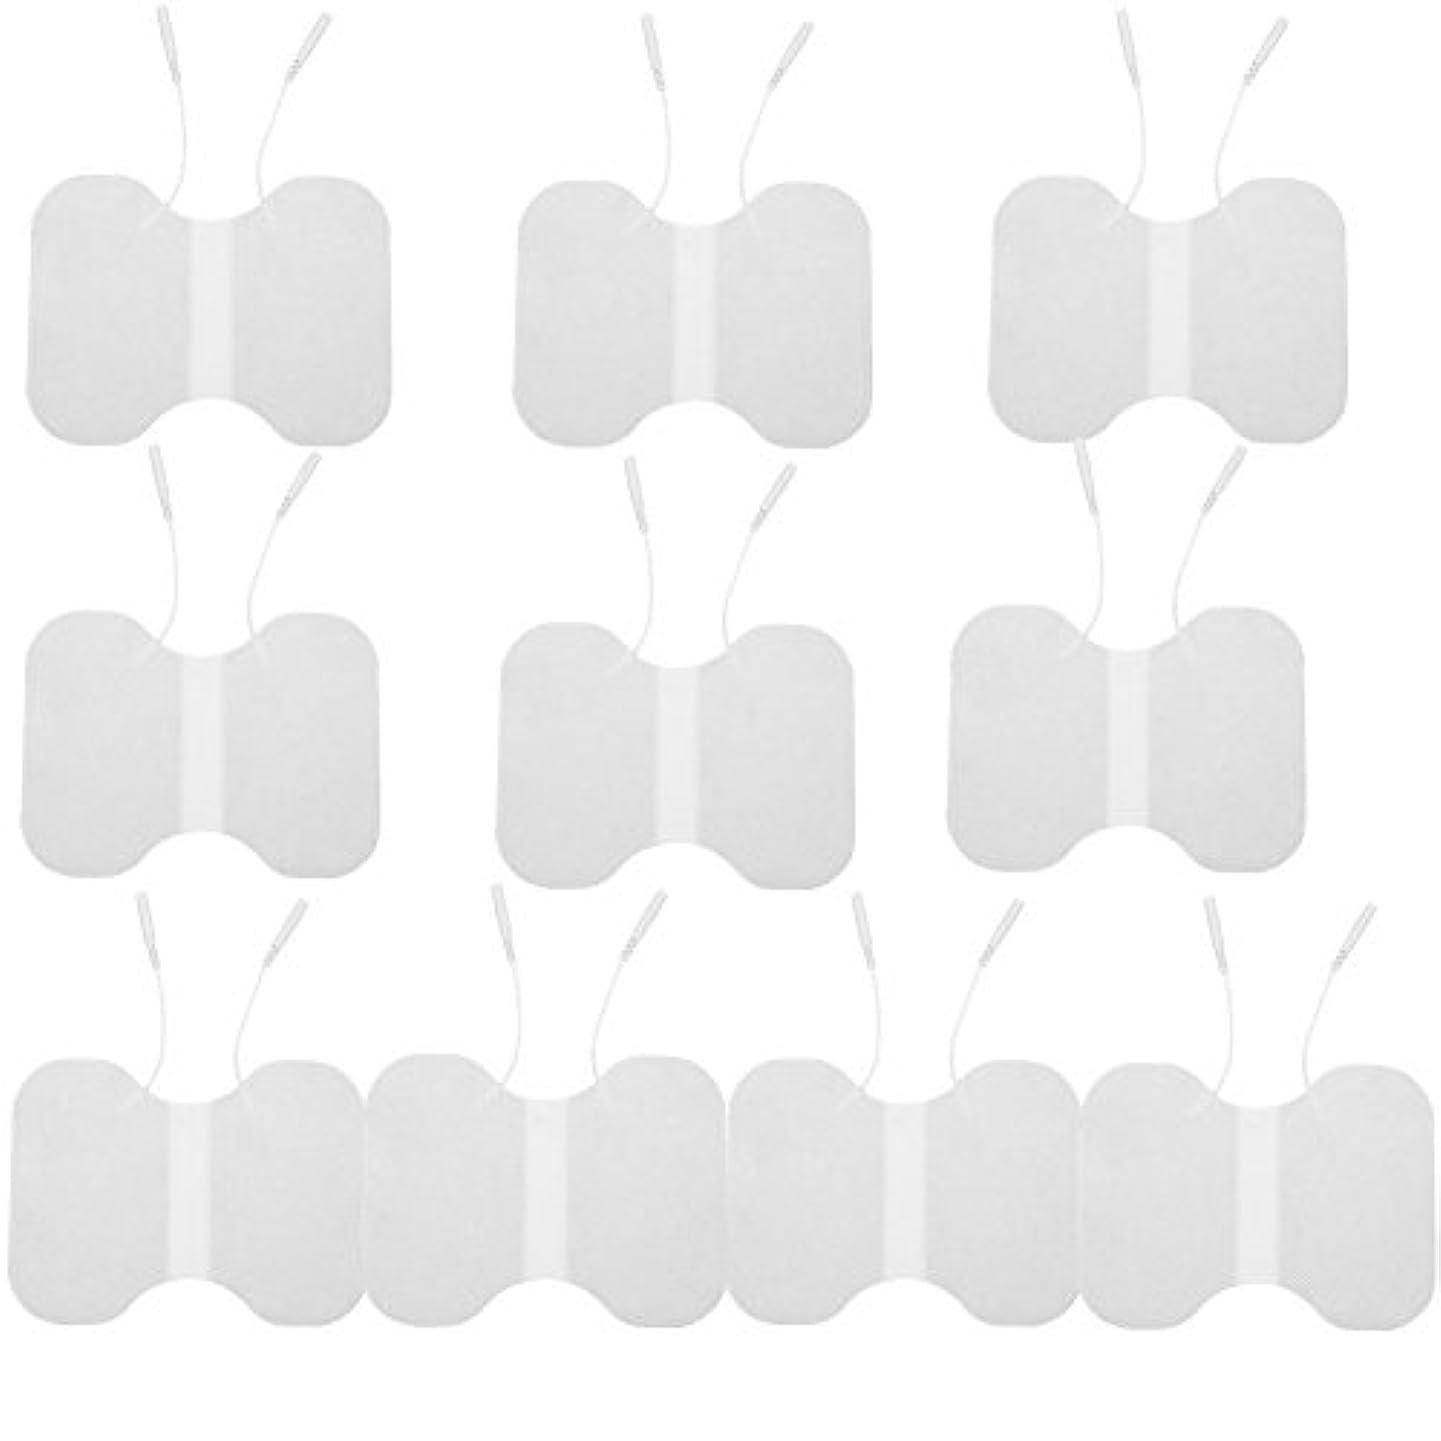 引き出すレジシェルター電極パッド、1Pc再利用可能な自己接着性電極パッチが体内の循環を改善し代謝を促進する効果